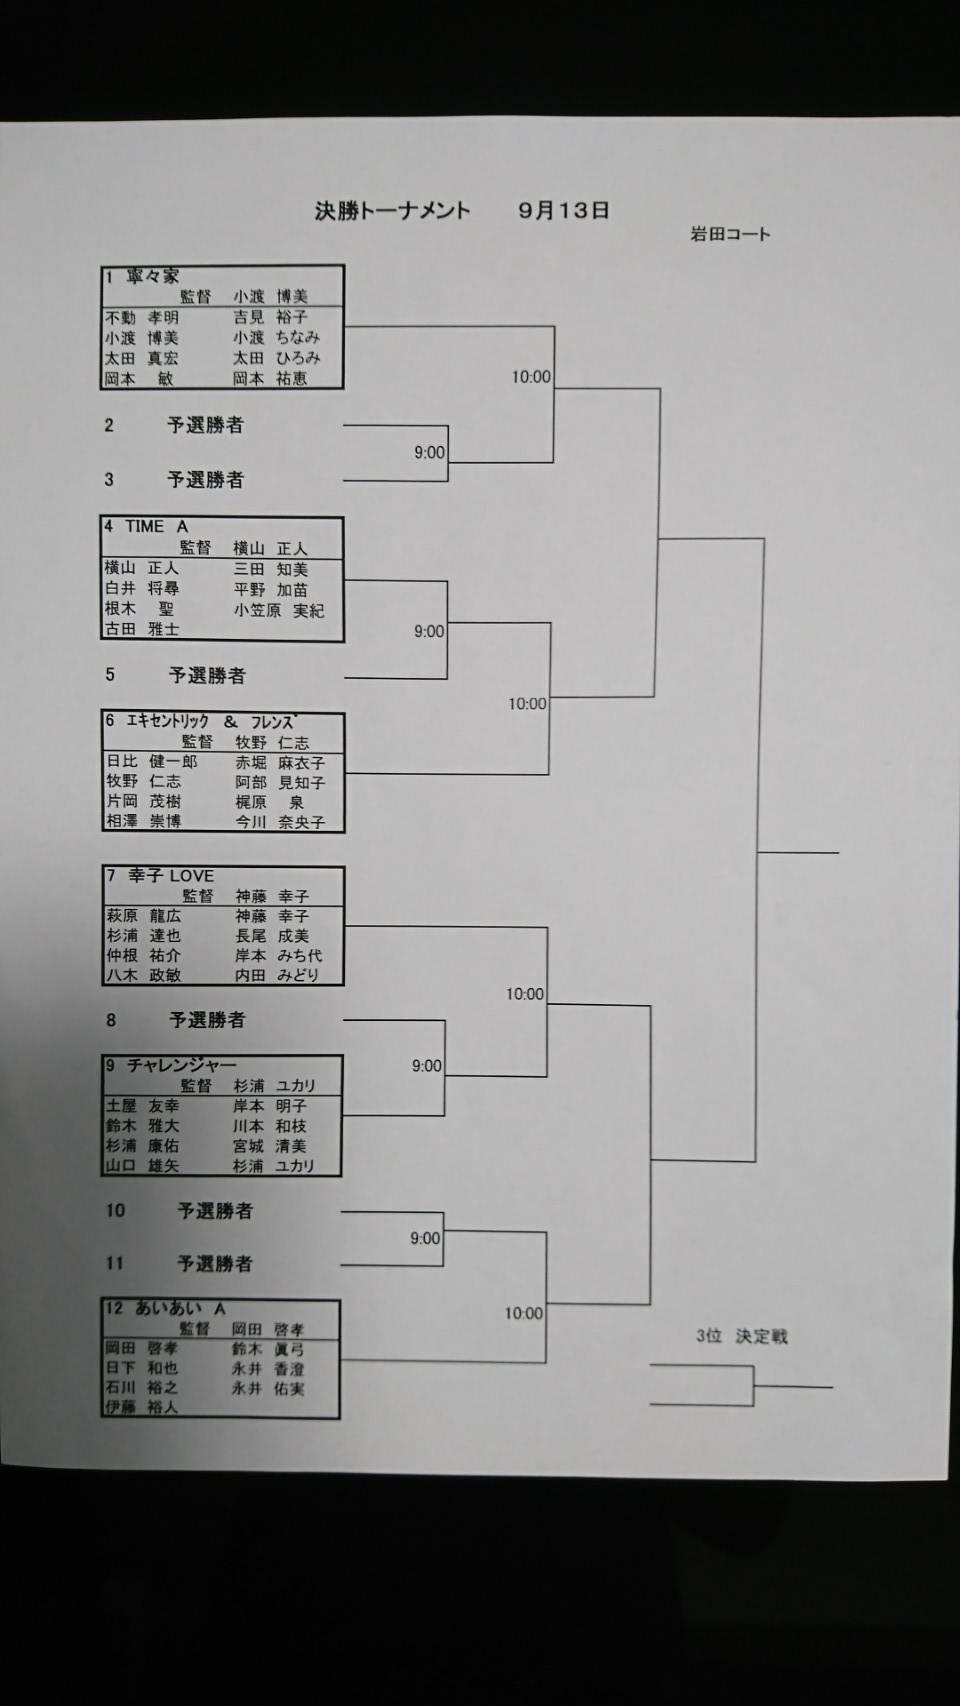 クラブ対抗戦-決勝トーナメントドロー